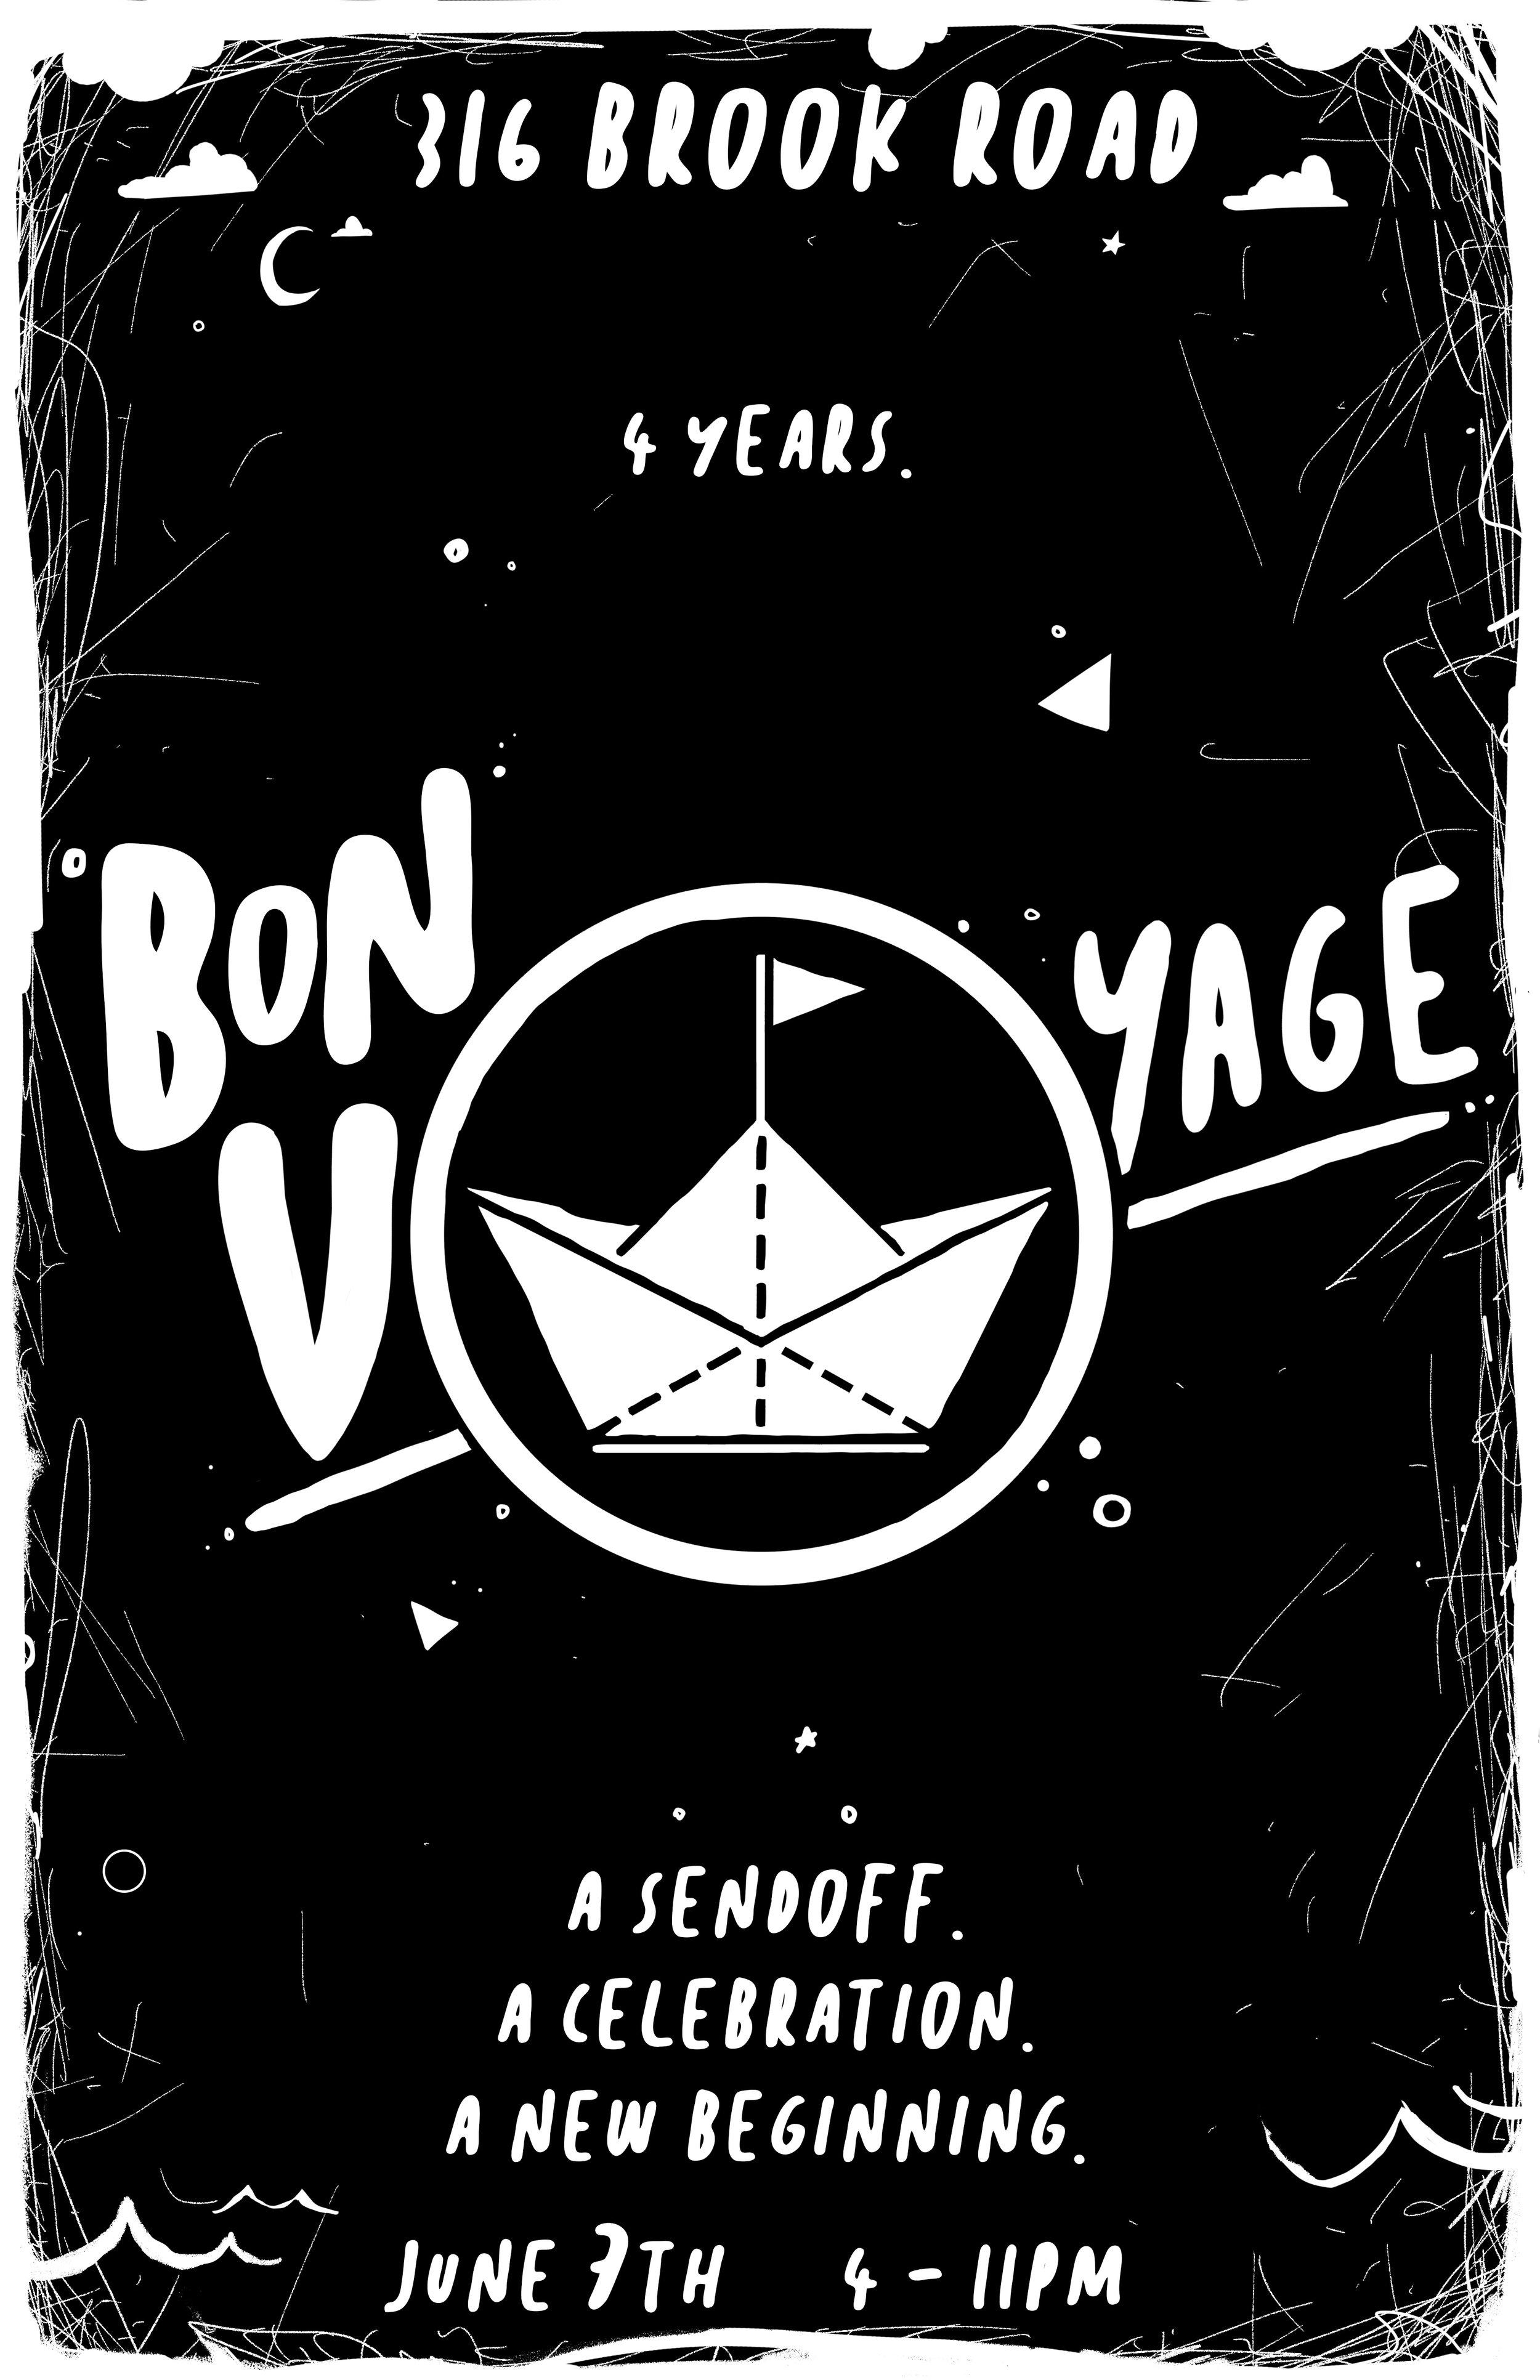 Bon Voyage Poster.jpg